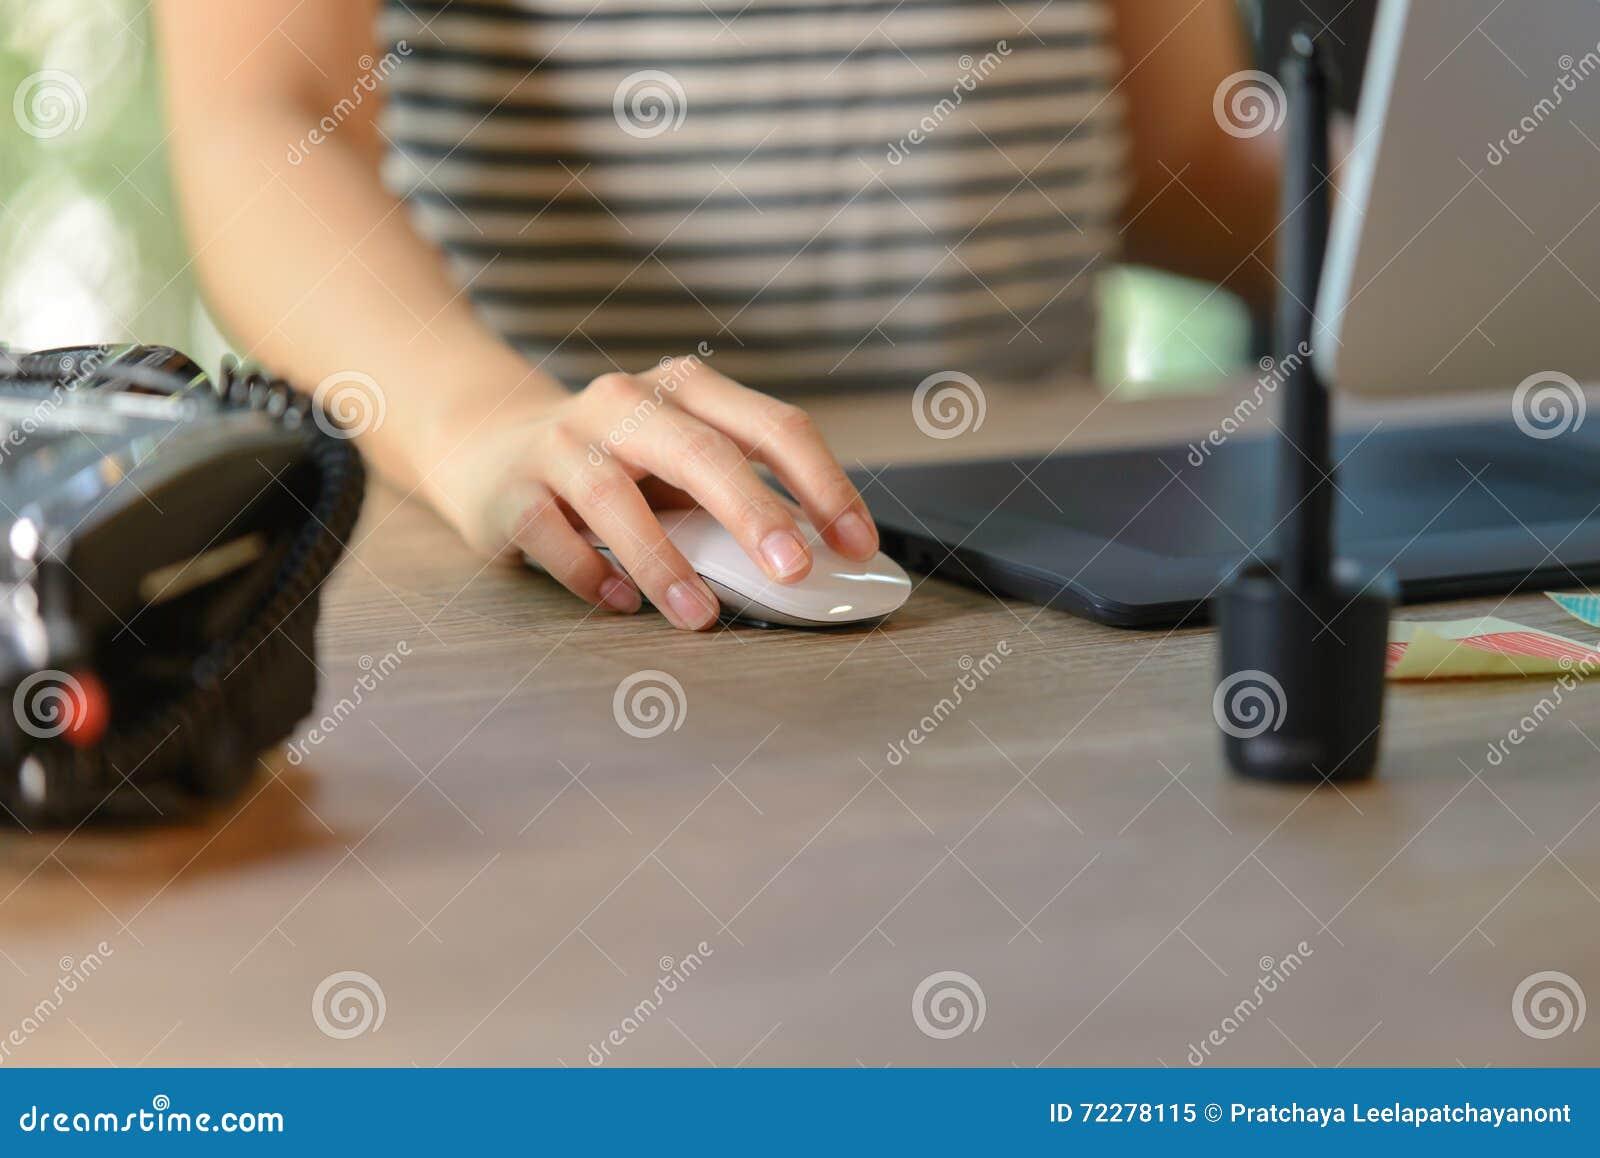 Download Женская правая рука используя мышь Стоковое Изображение - изображение насчитывающей электронно, adulteration: 72278115